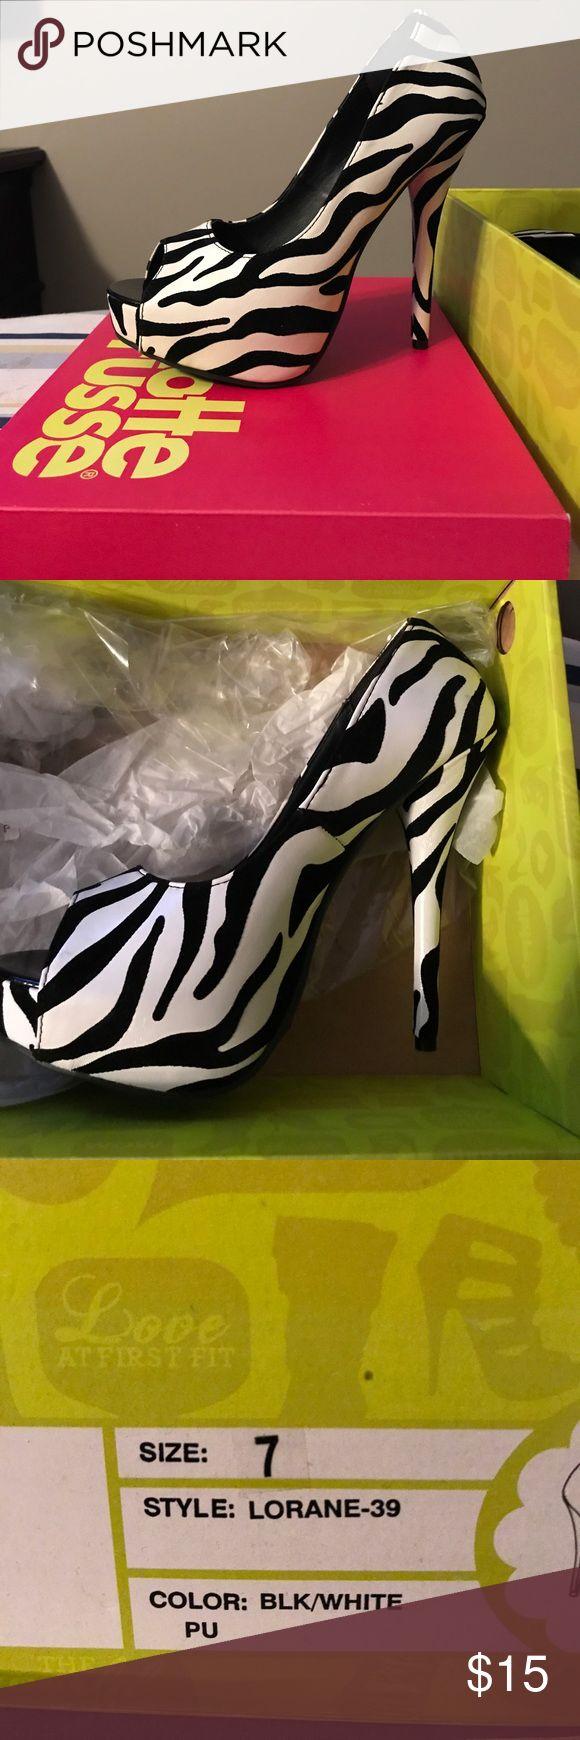 Zebra print pumps Brand new in box Charlotte Rousse zebra print pumps. Charlotte Russe Shoes Heels